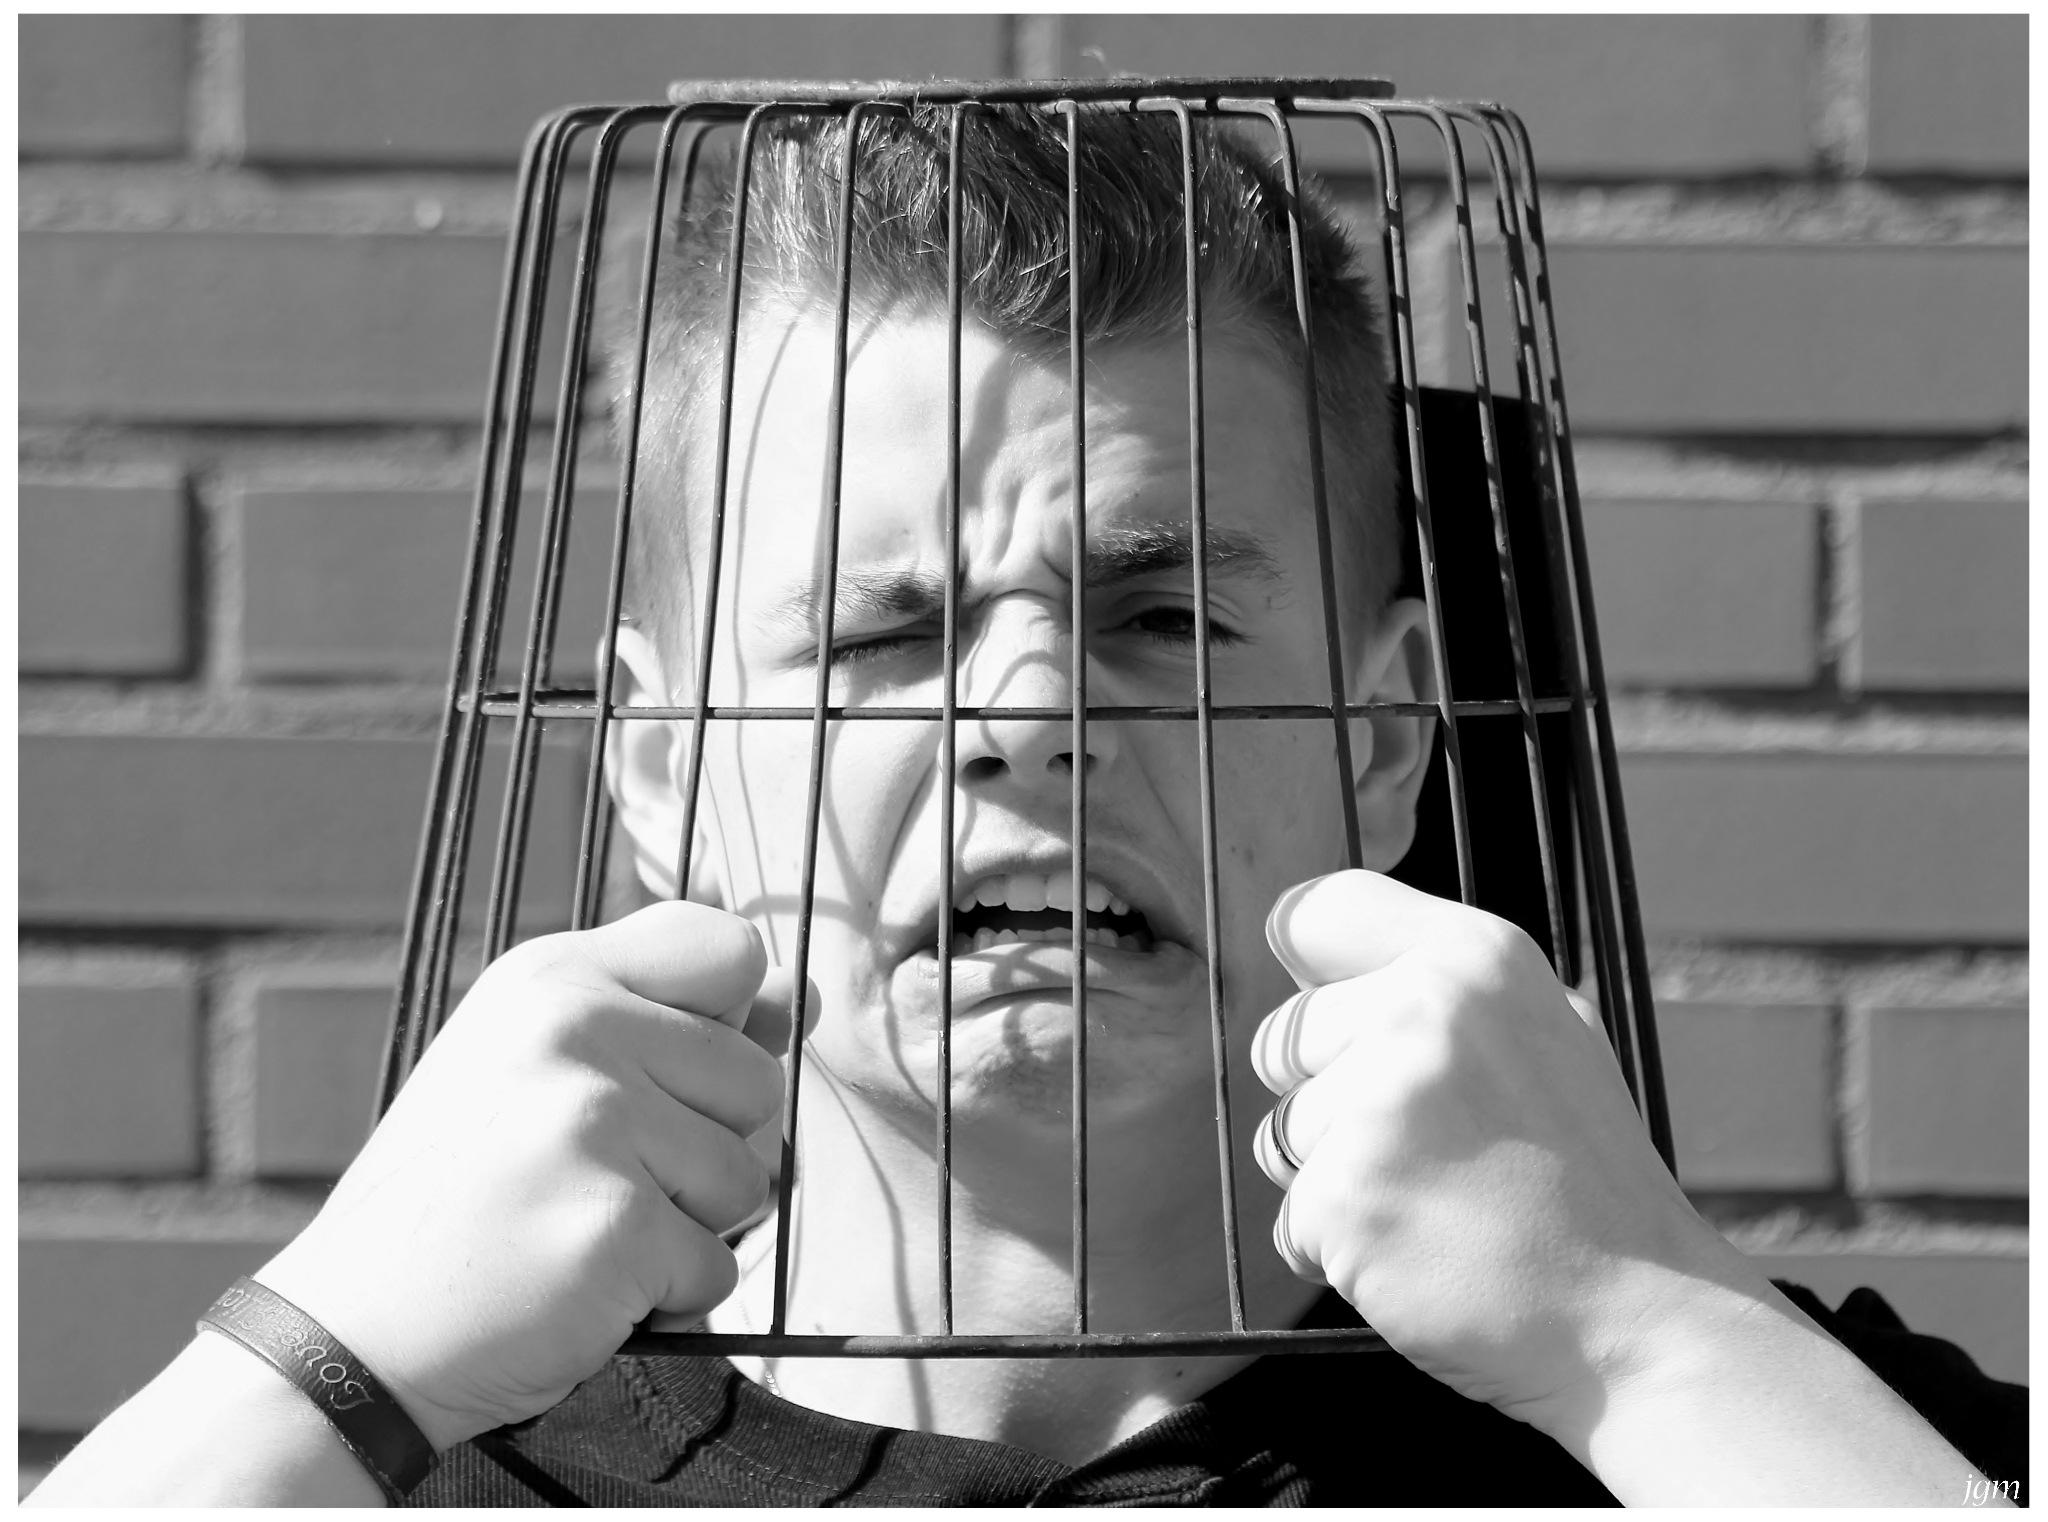 Caged head by Jan Machielsen